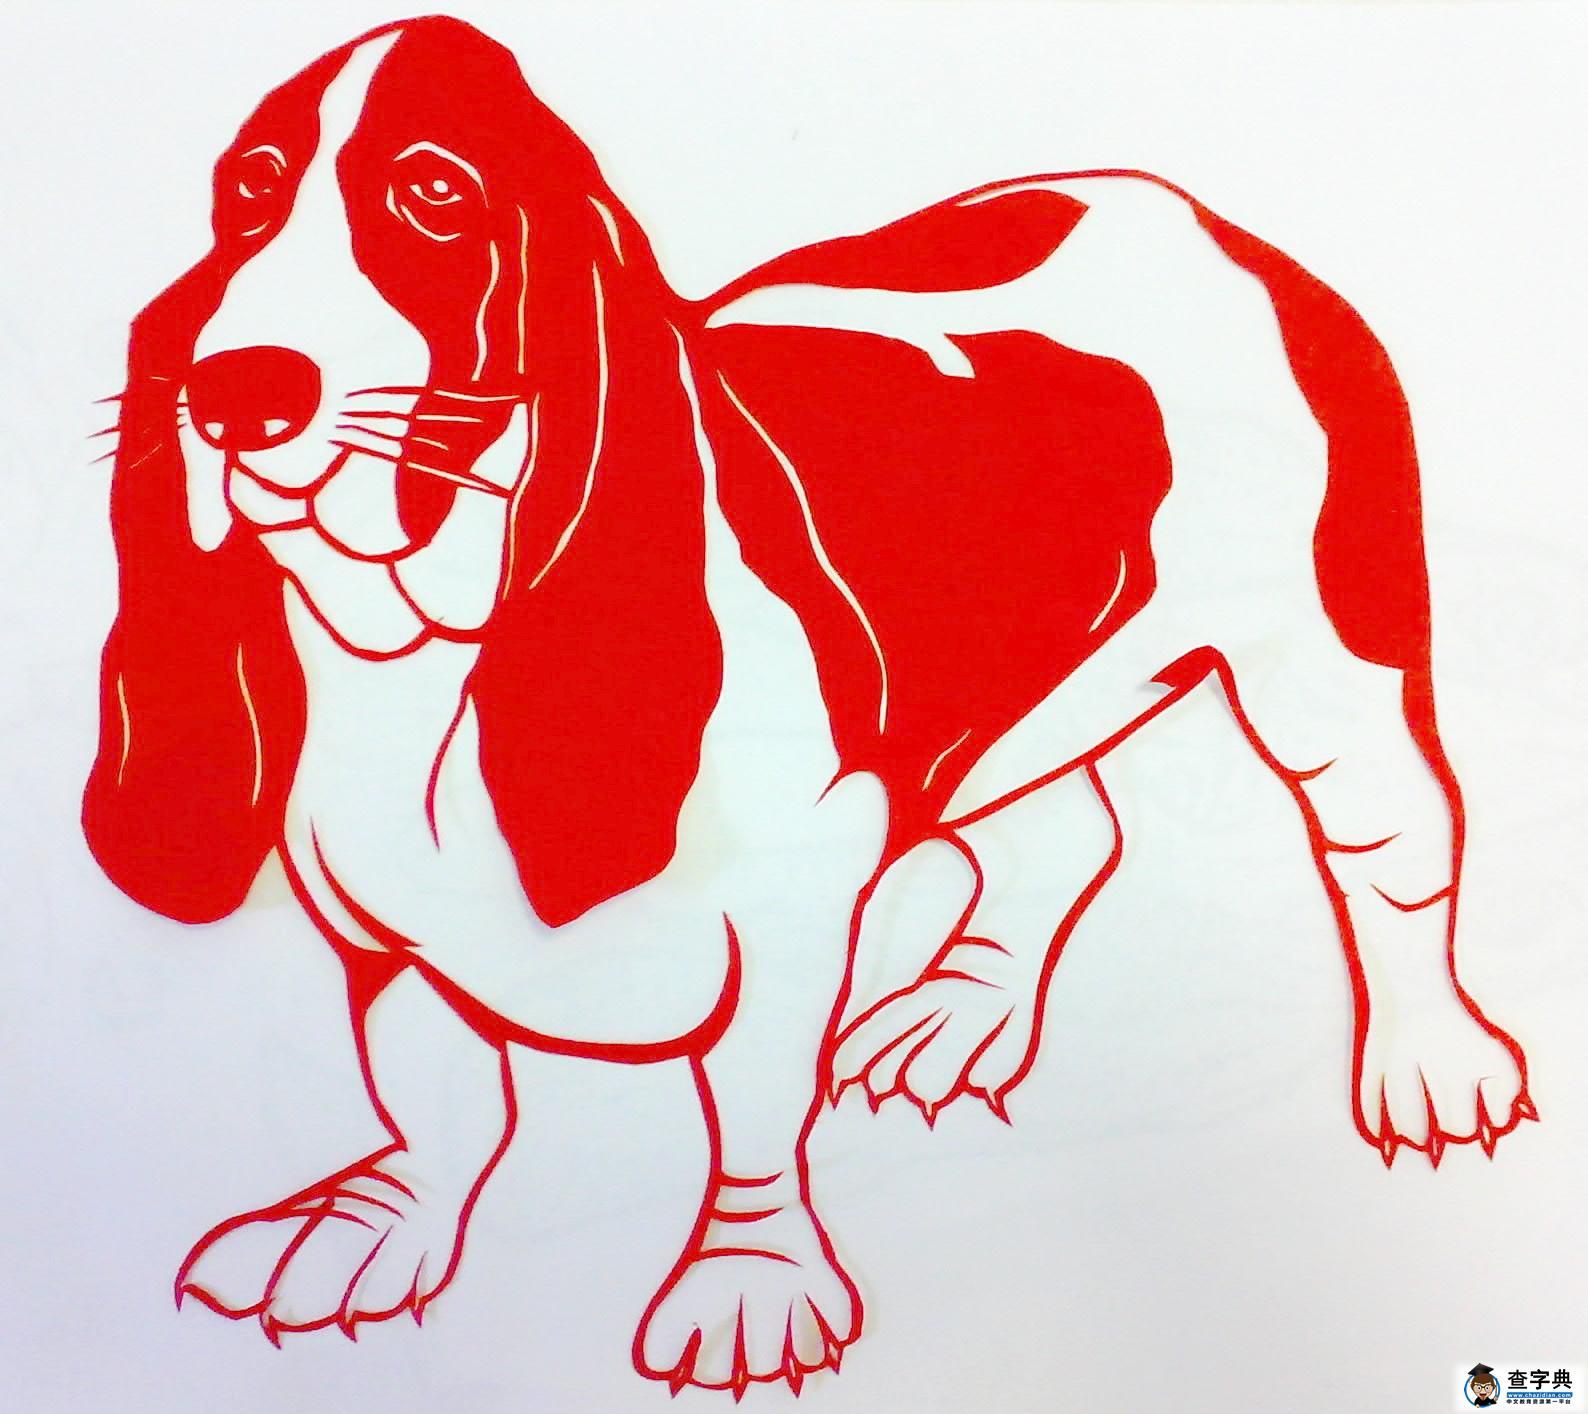 表情 简单剪纸图案大全 可爱的小狗 儿童剪纸 查字典幼儿网 表情